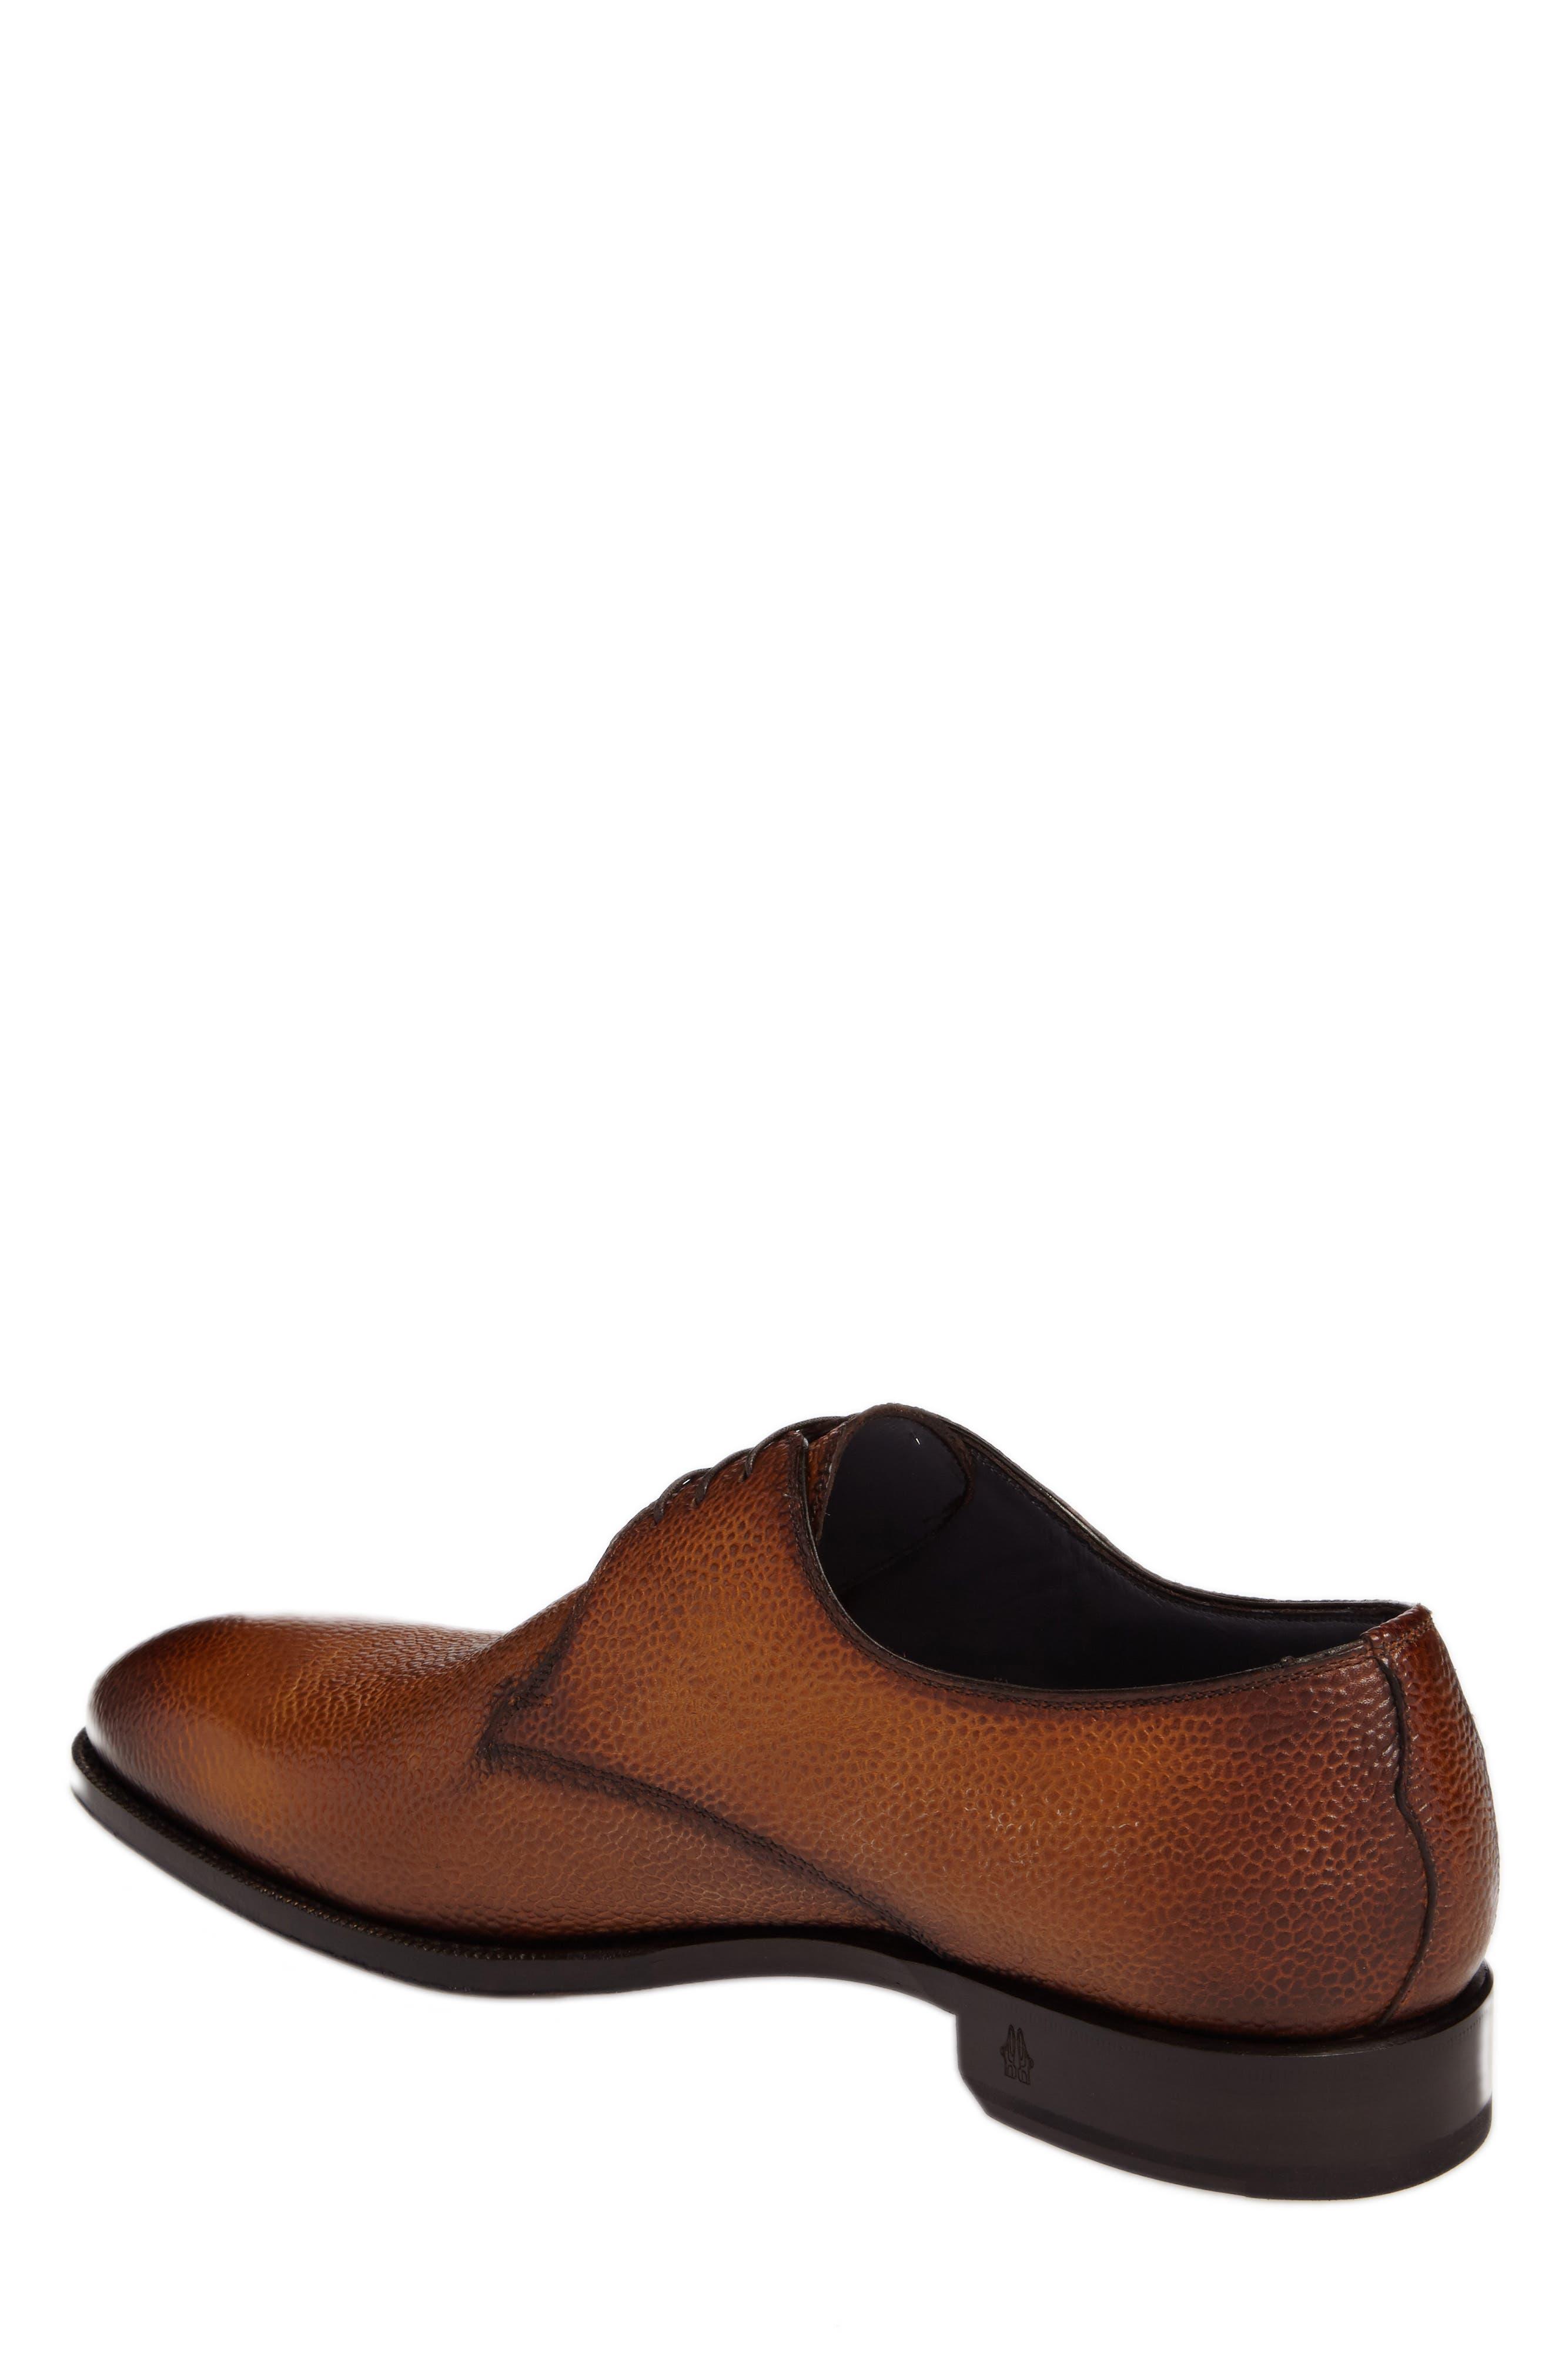 Alternate Image 2  - Di Bianco Gallo Plain Toe Derby (Men)